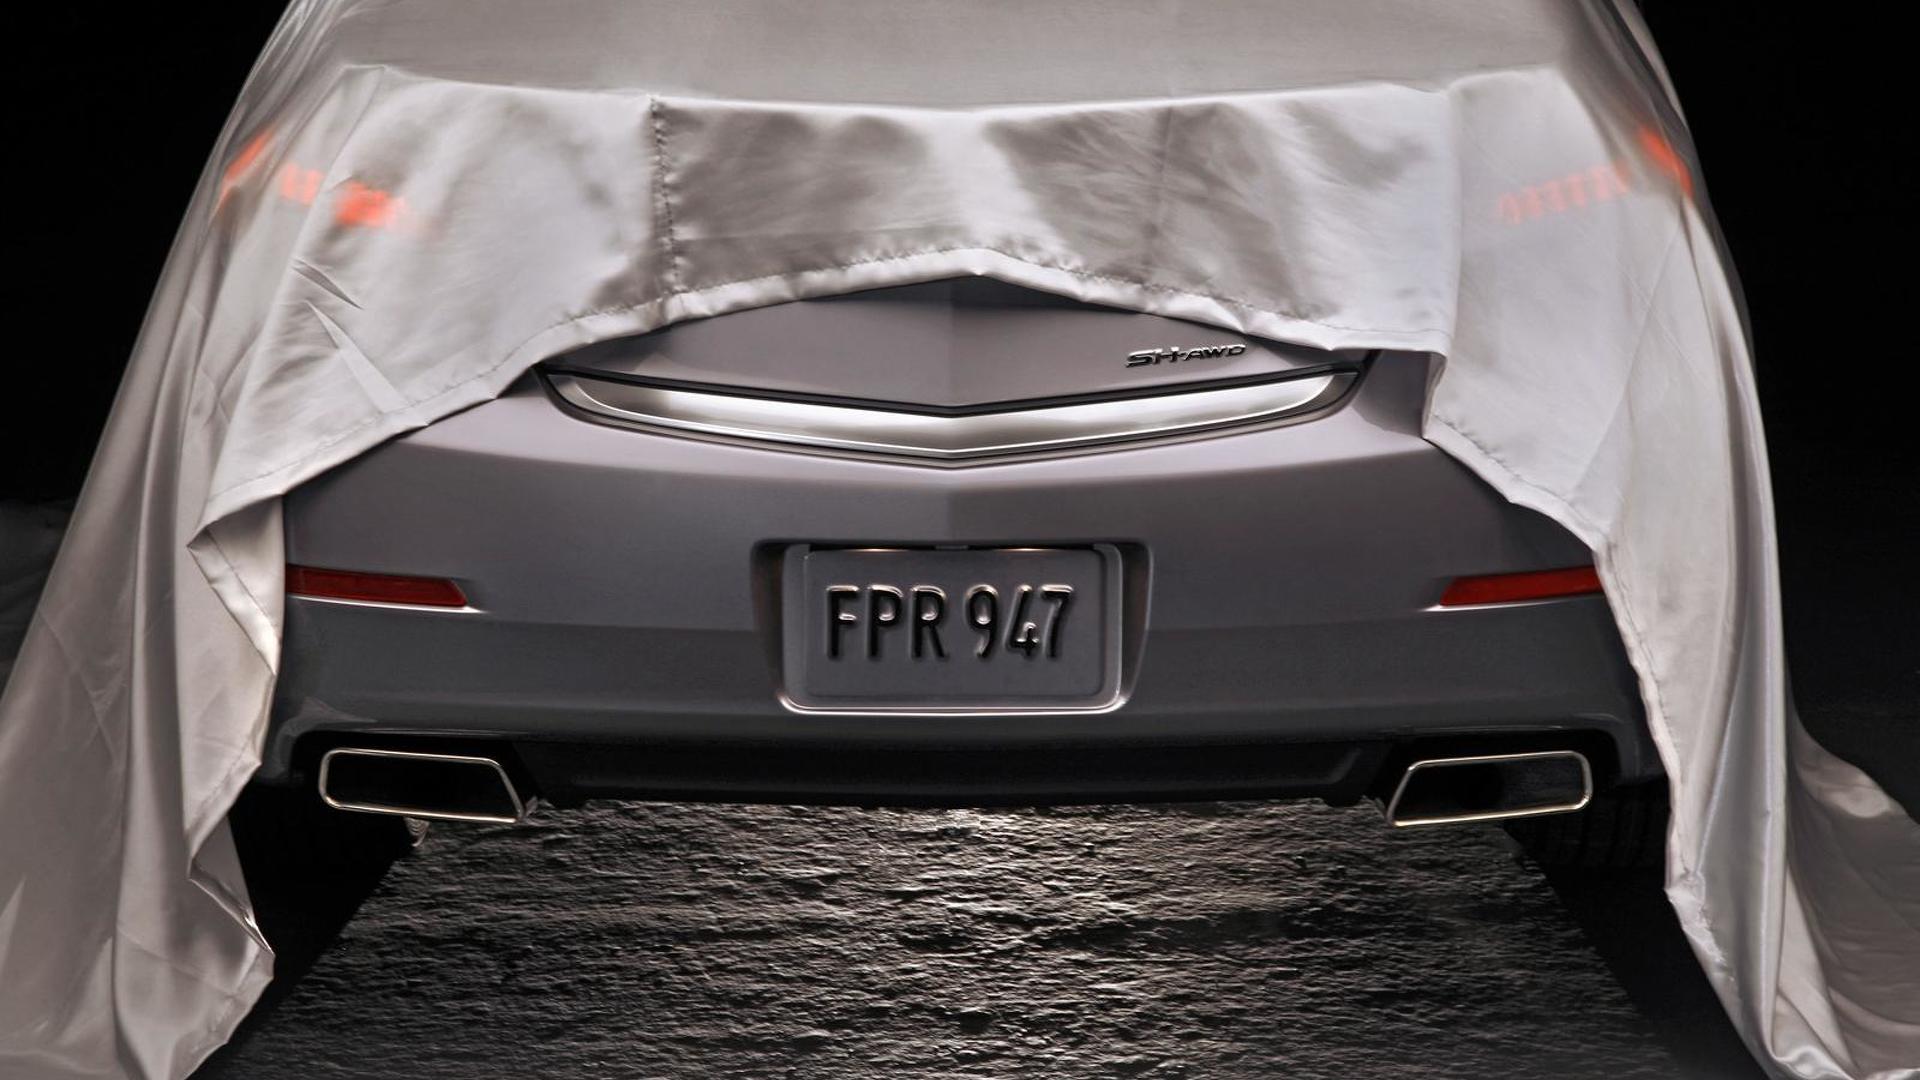 2012 Acura TL teased